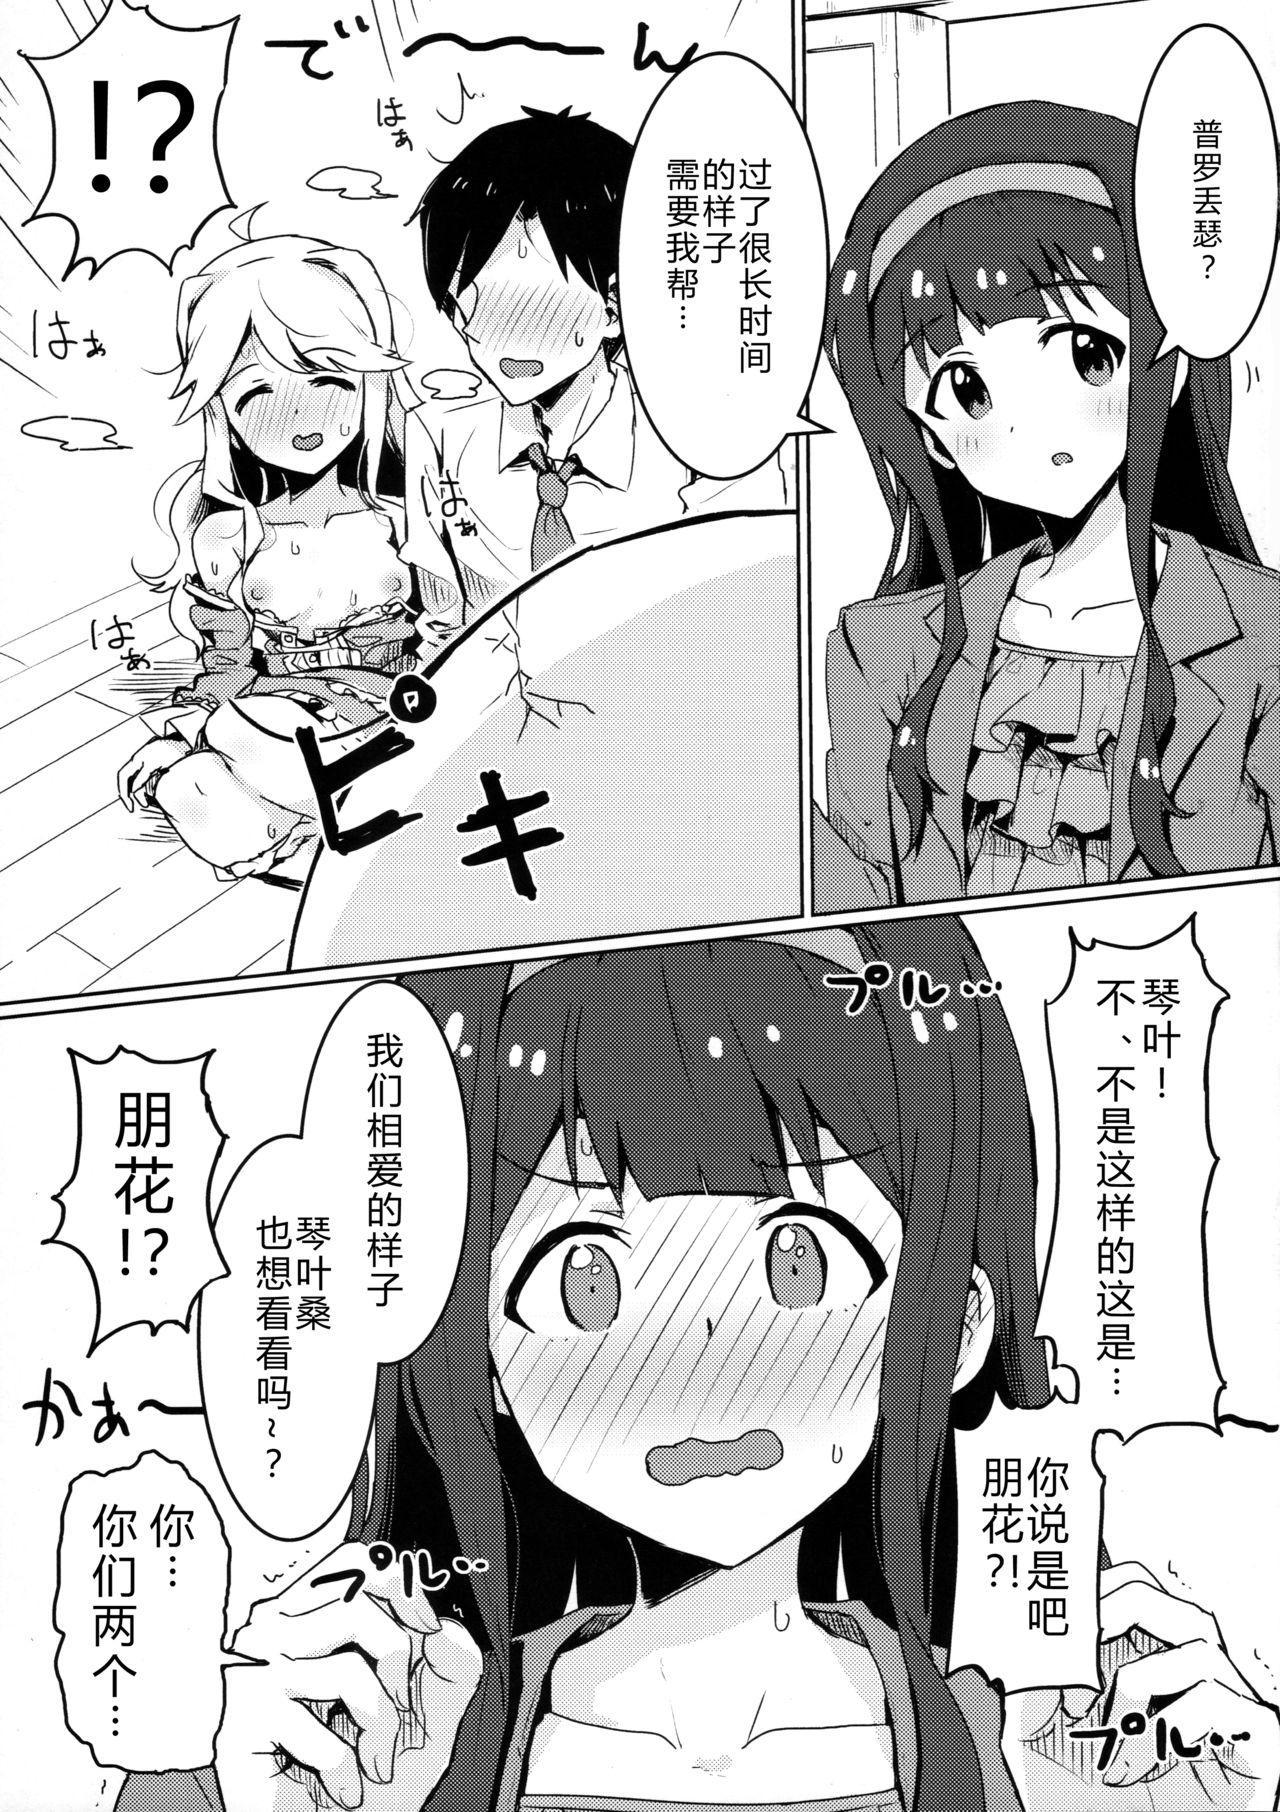 Kouishitsu de Ecchi Shite wa Ikemasen! 17